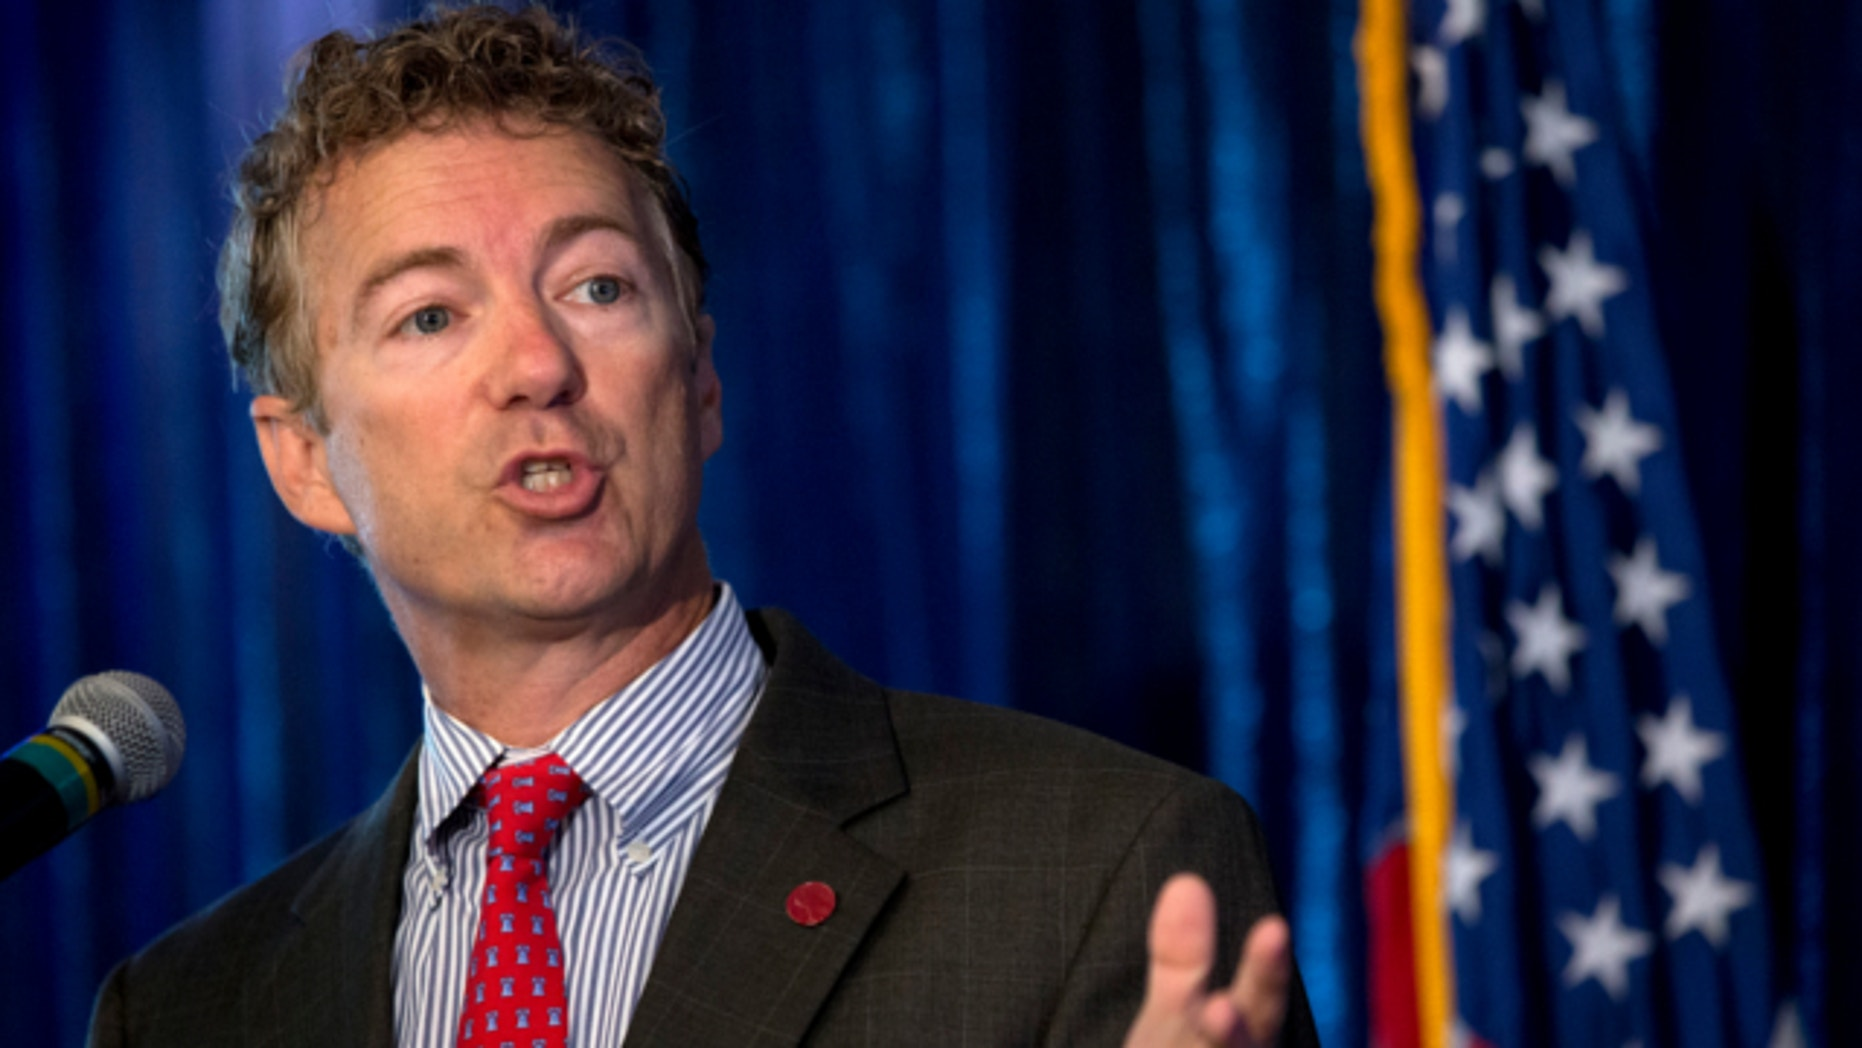 June 12, 2013: Sen. Rand Paul, R-Ky. gestures as he speaks in Washington.